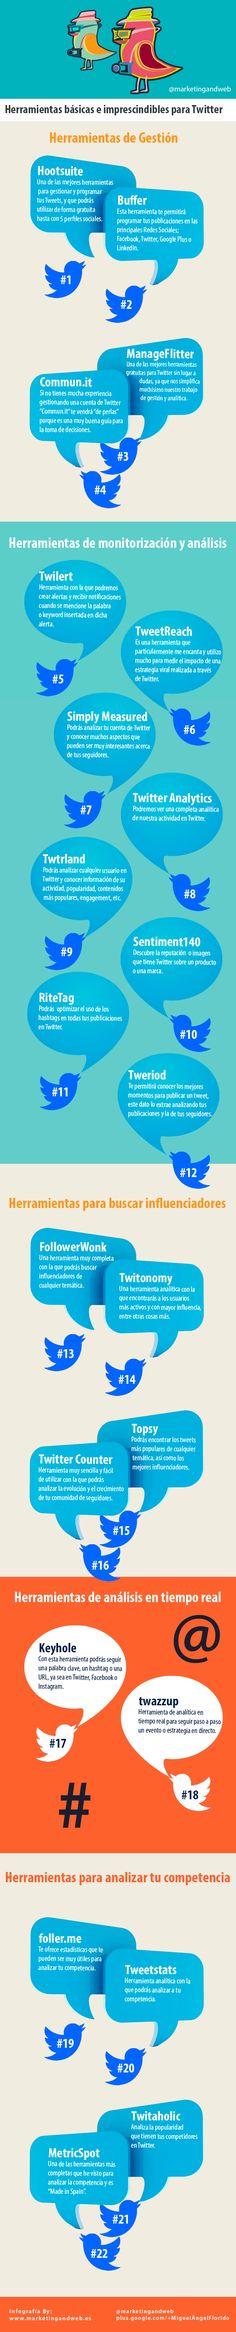 Completa selección de herramientas gratuitas para Twitter que te serán de ayuda en 2014. Todas ellas herramientas básicas e imprescindibles.